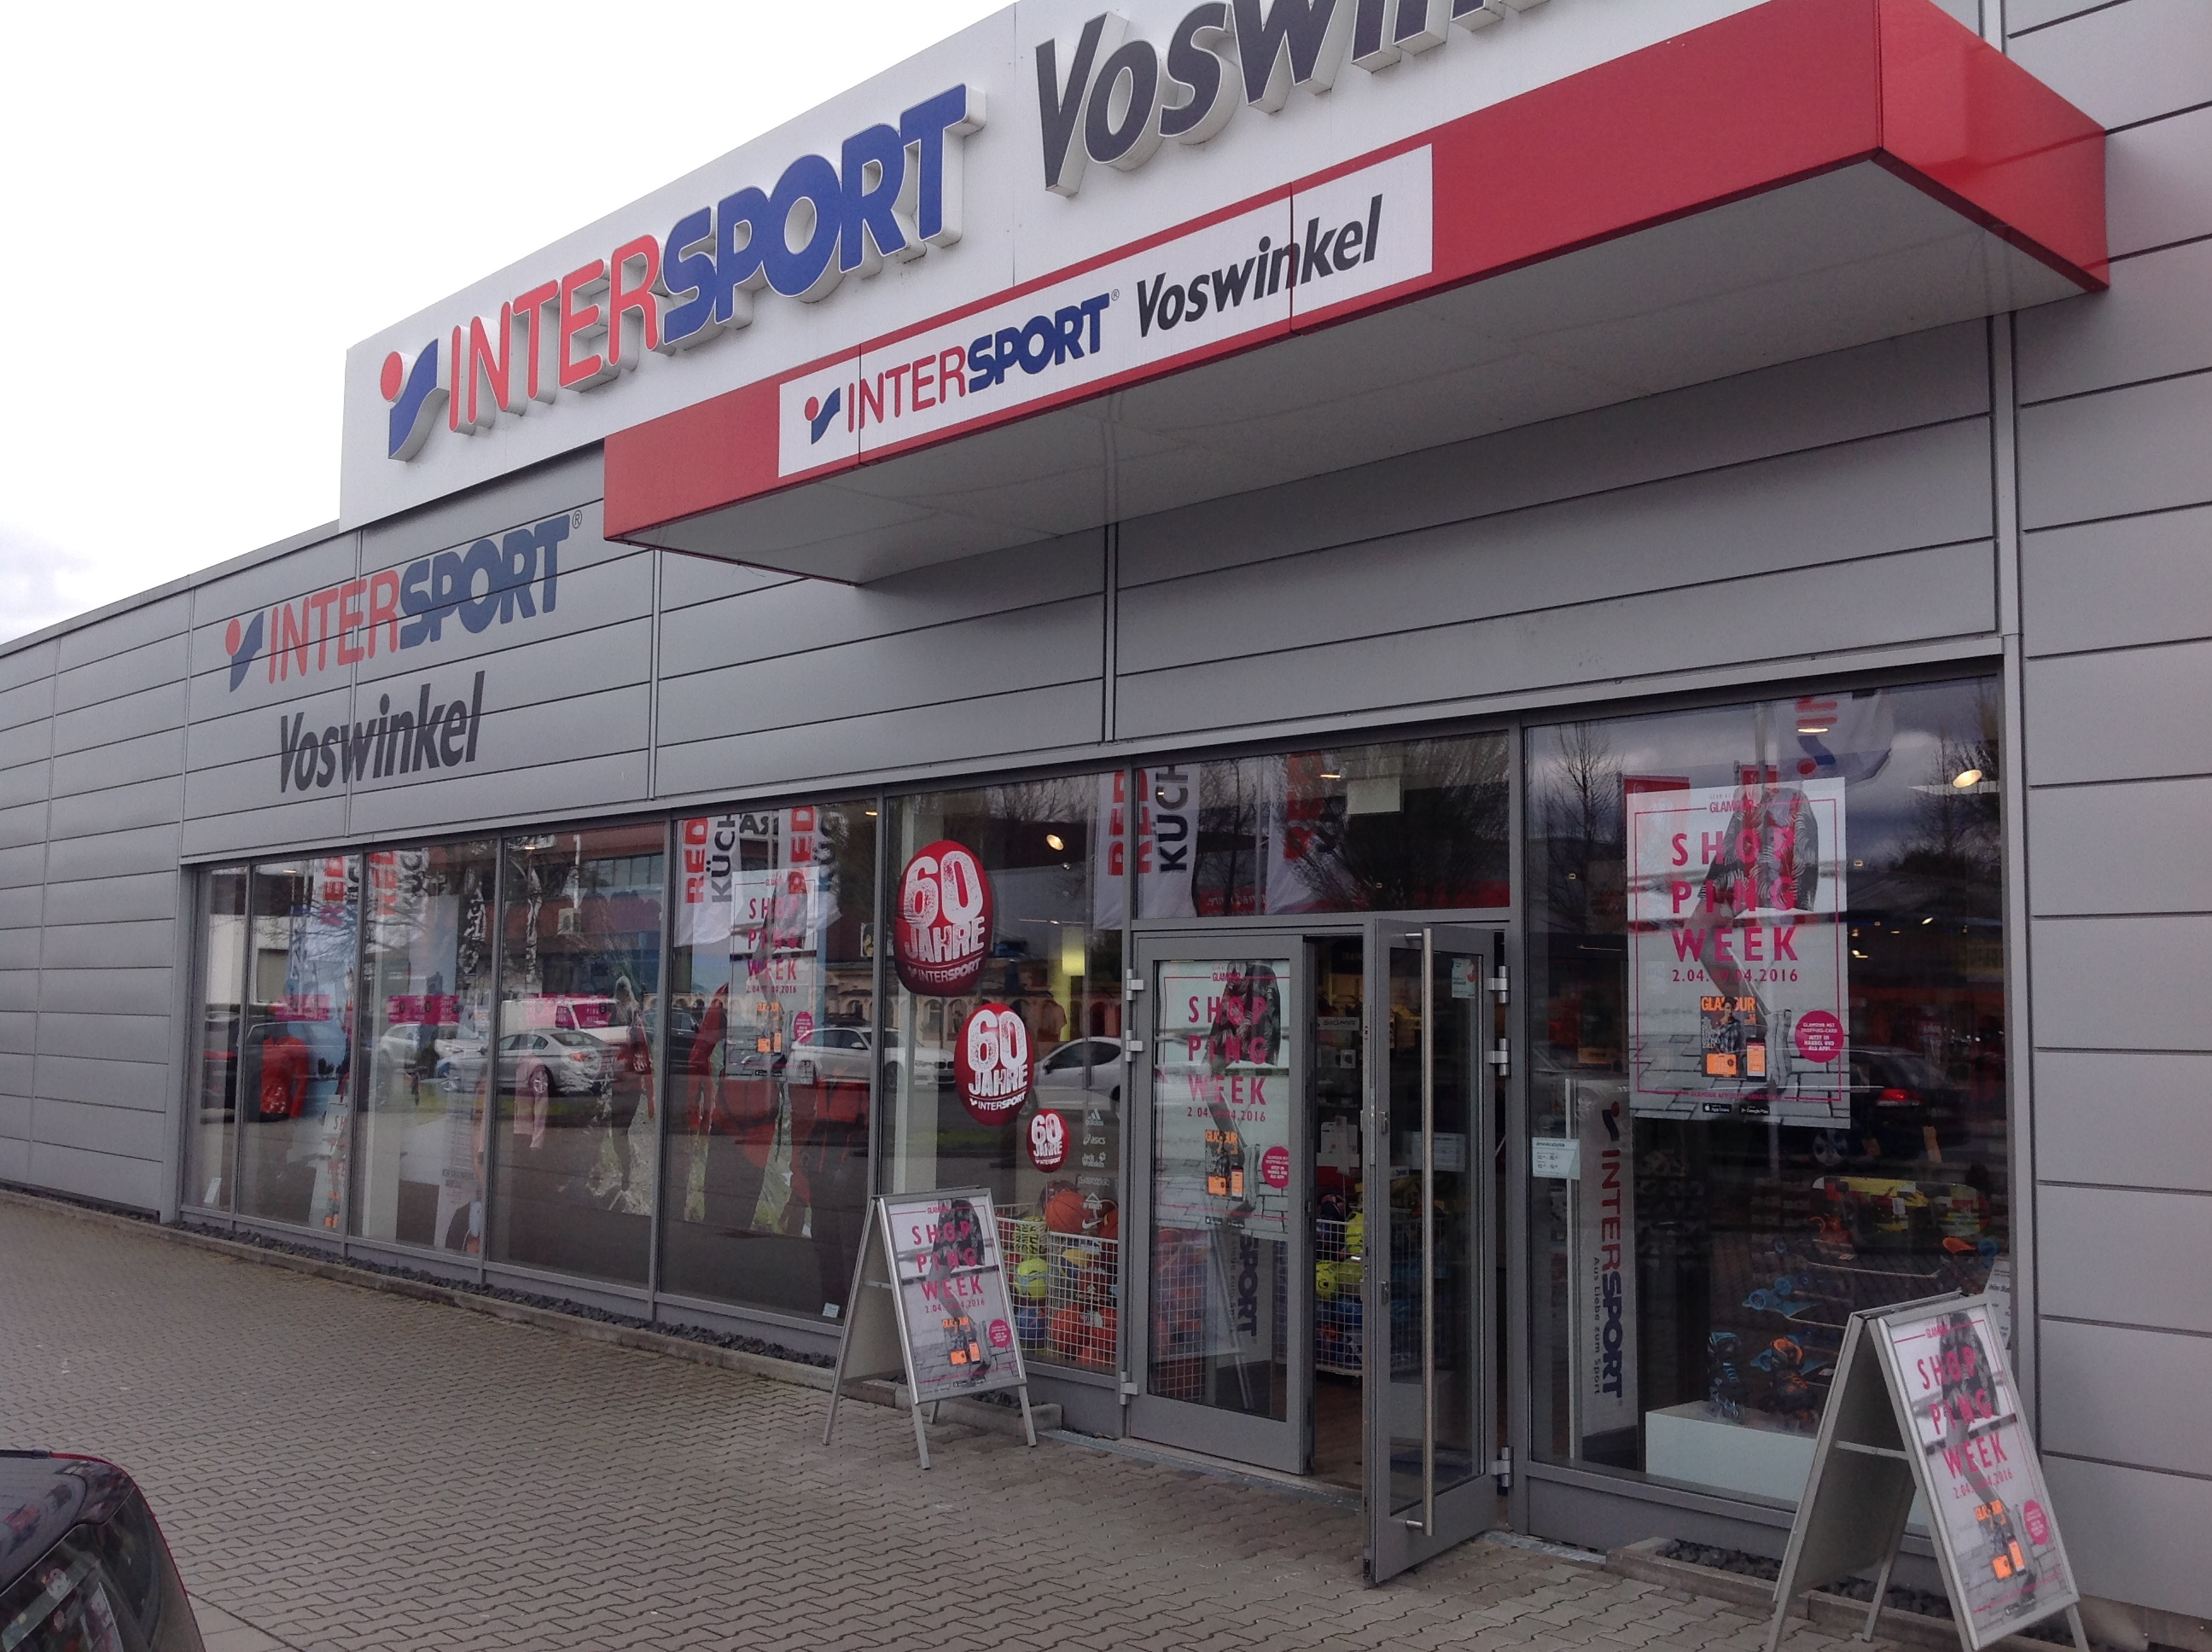 INTERSPORT Voswinkel